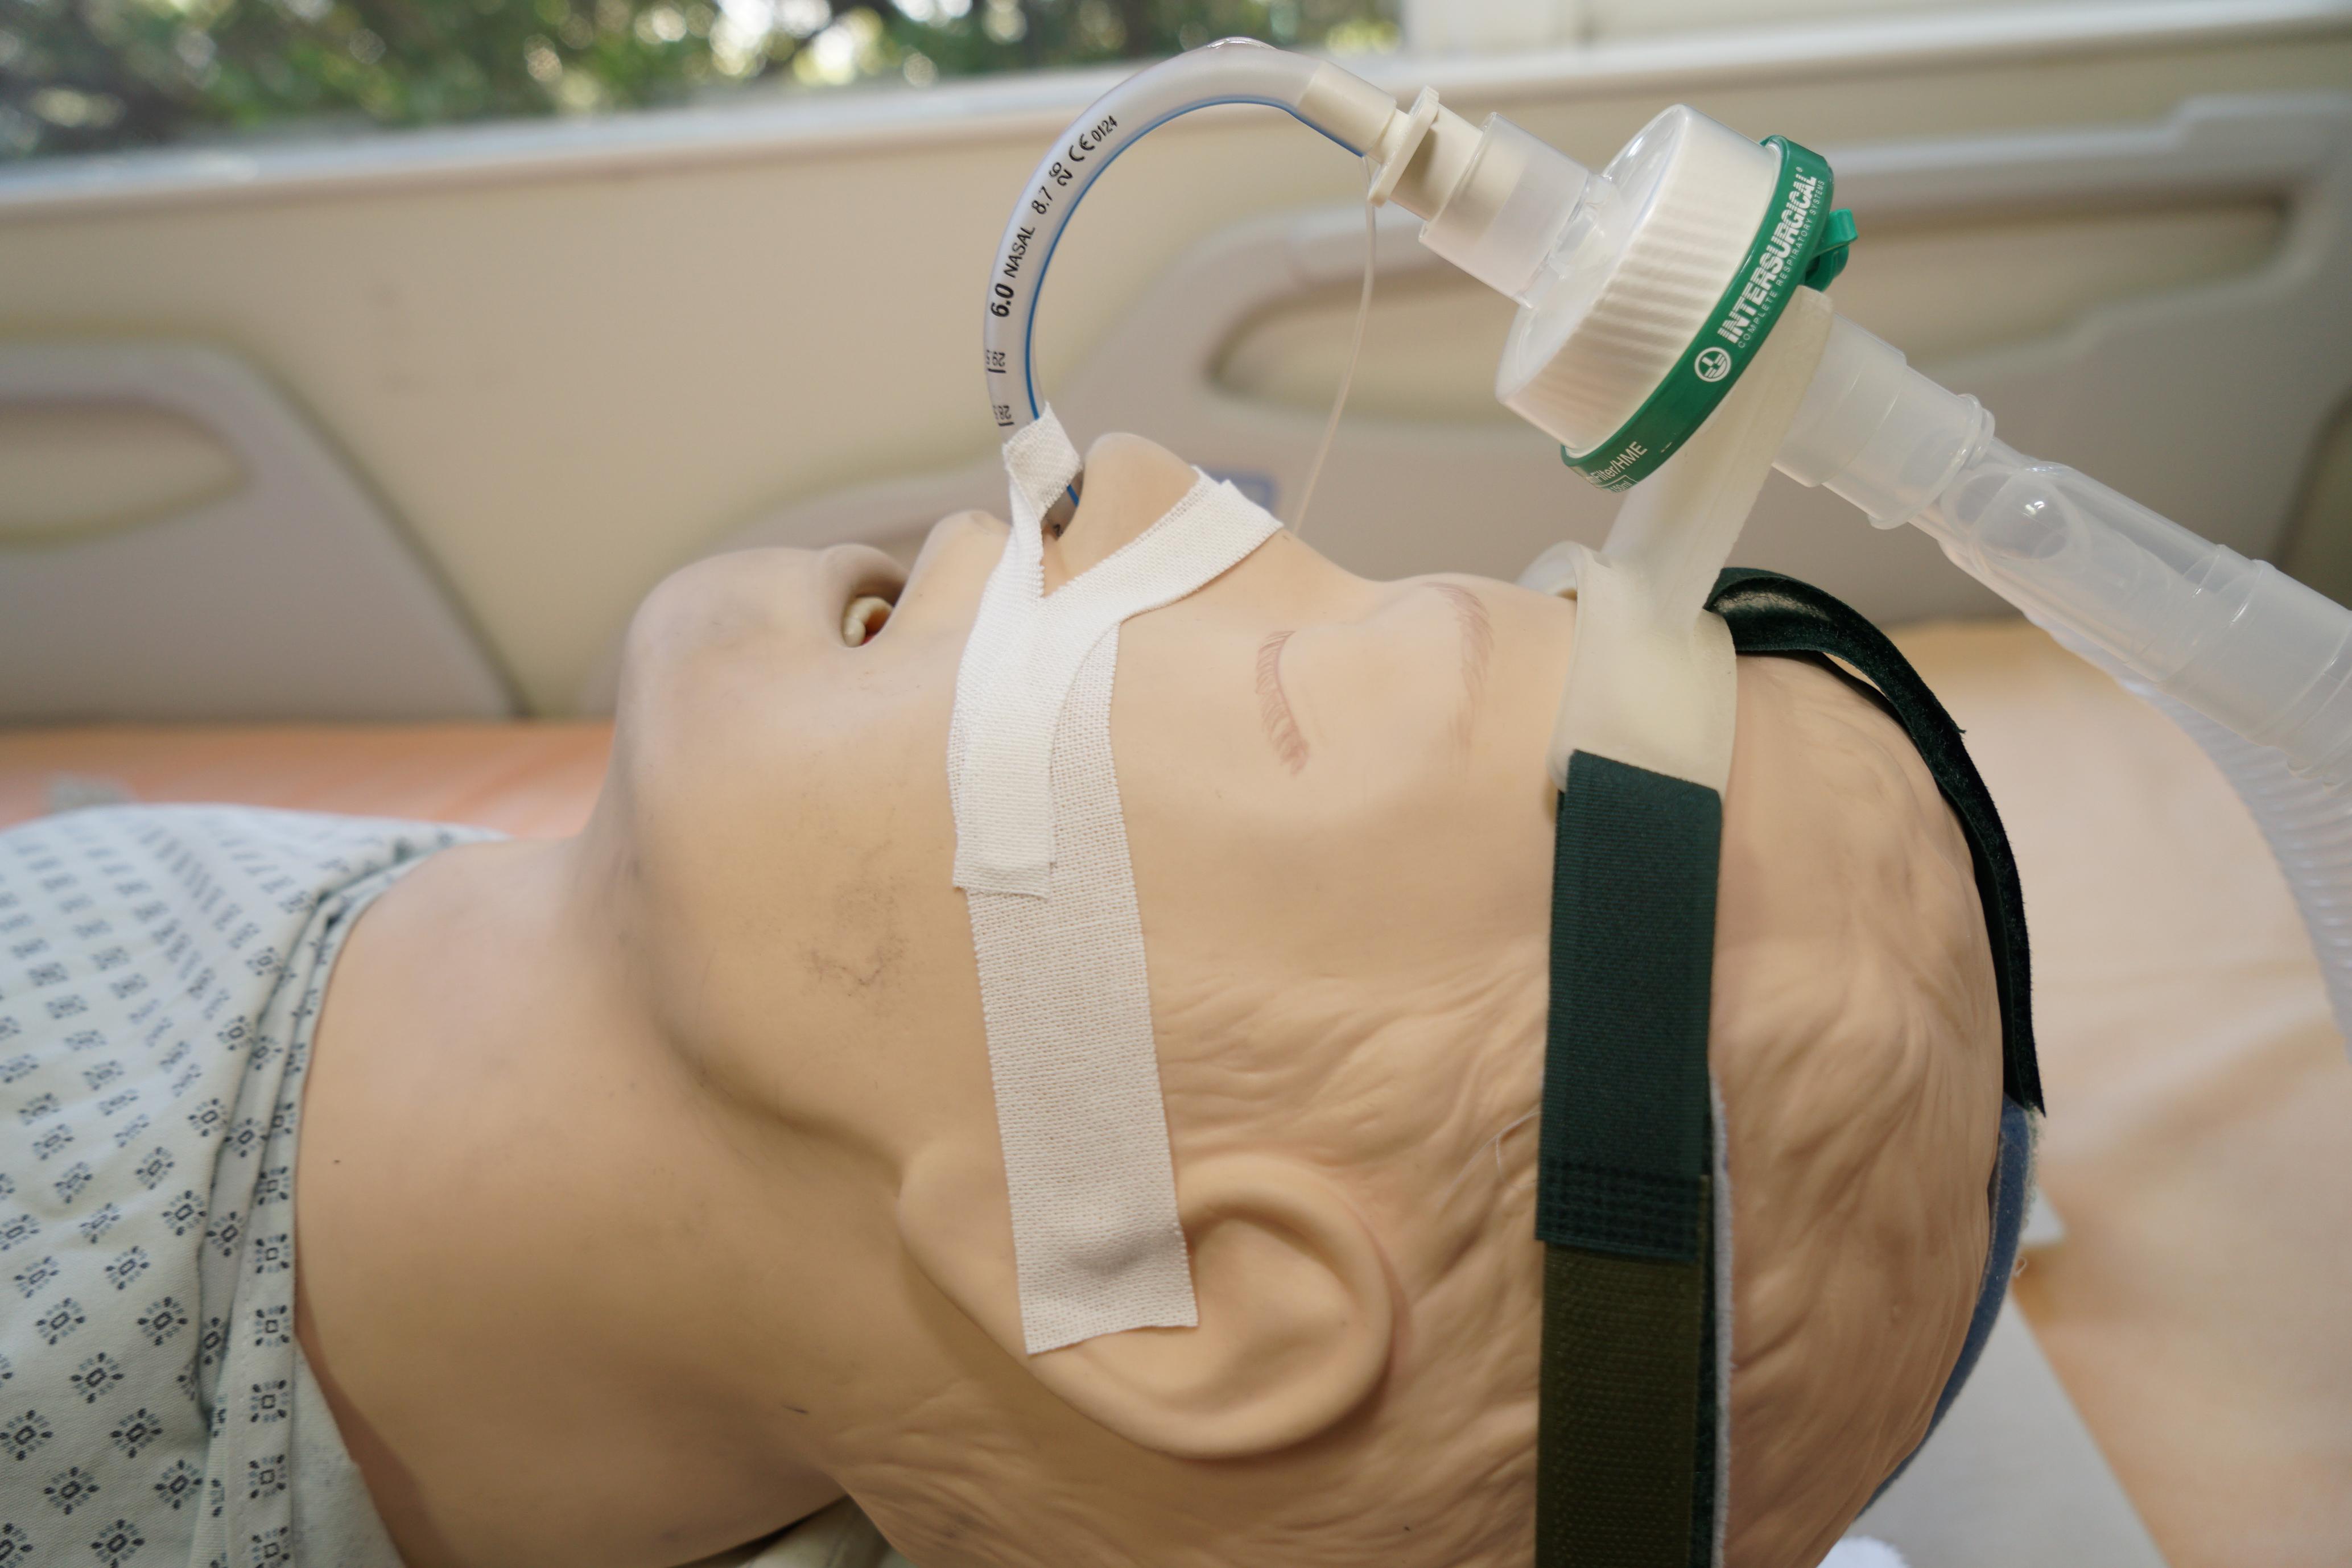 經鼻氣管插管固定架使用情形